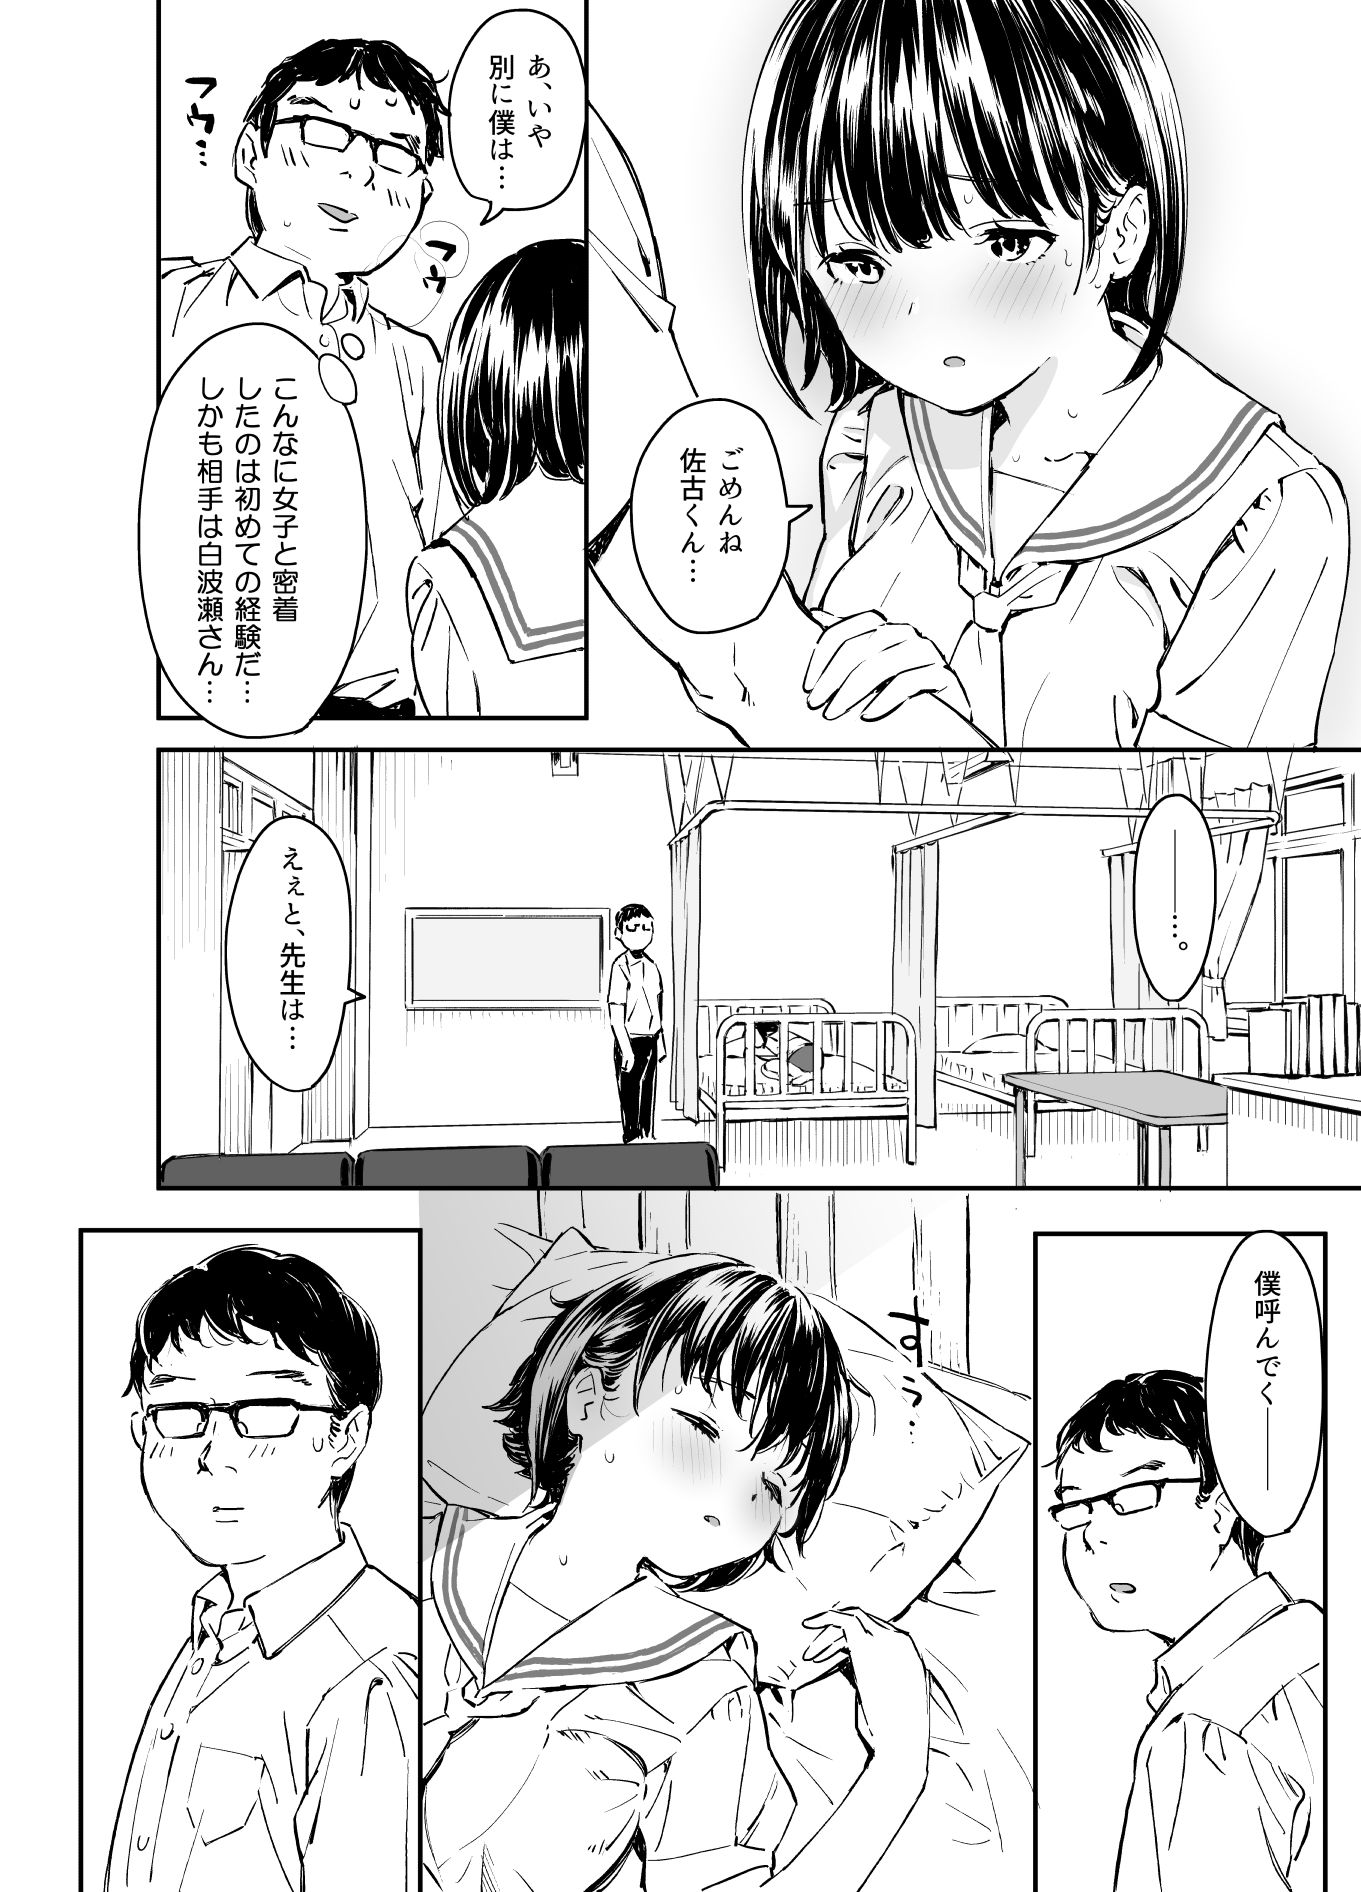 【エロ漫画無料大全集】【エロ漫画ストーカー】寝ている同級生を保健室で犯すストーカーがヤバいwww